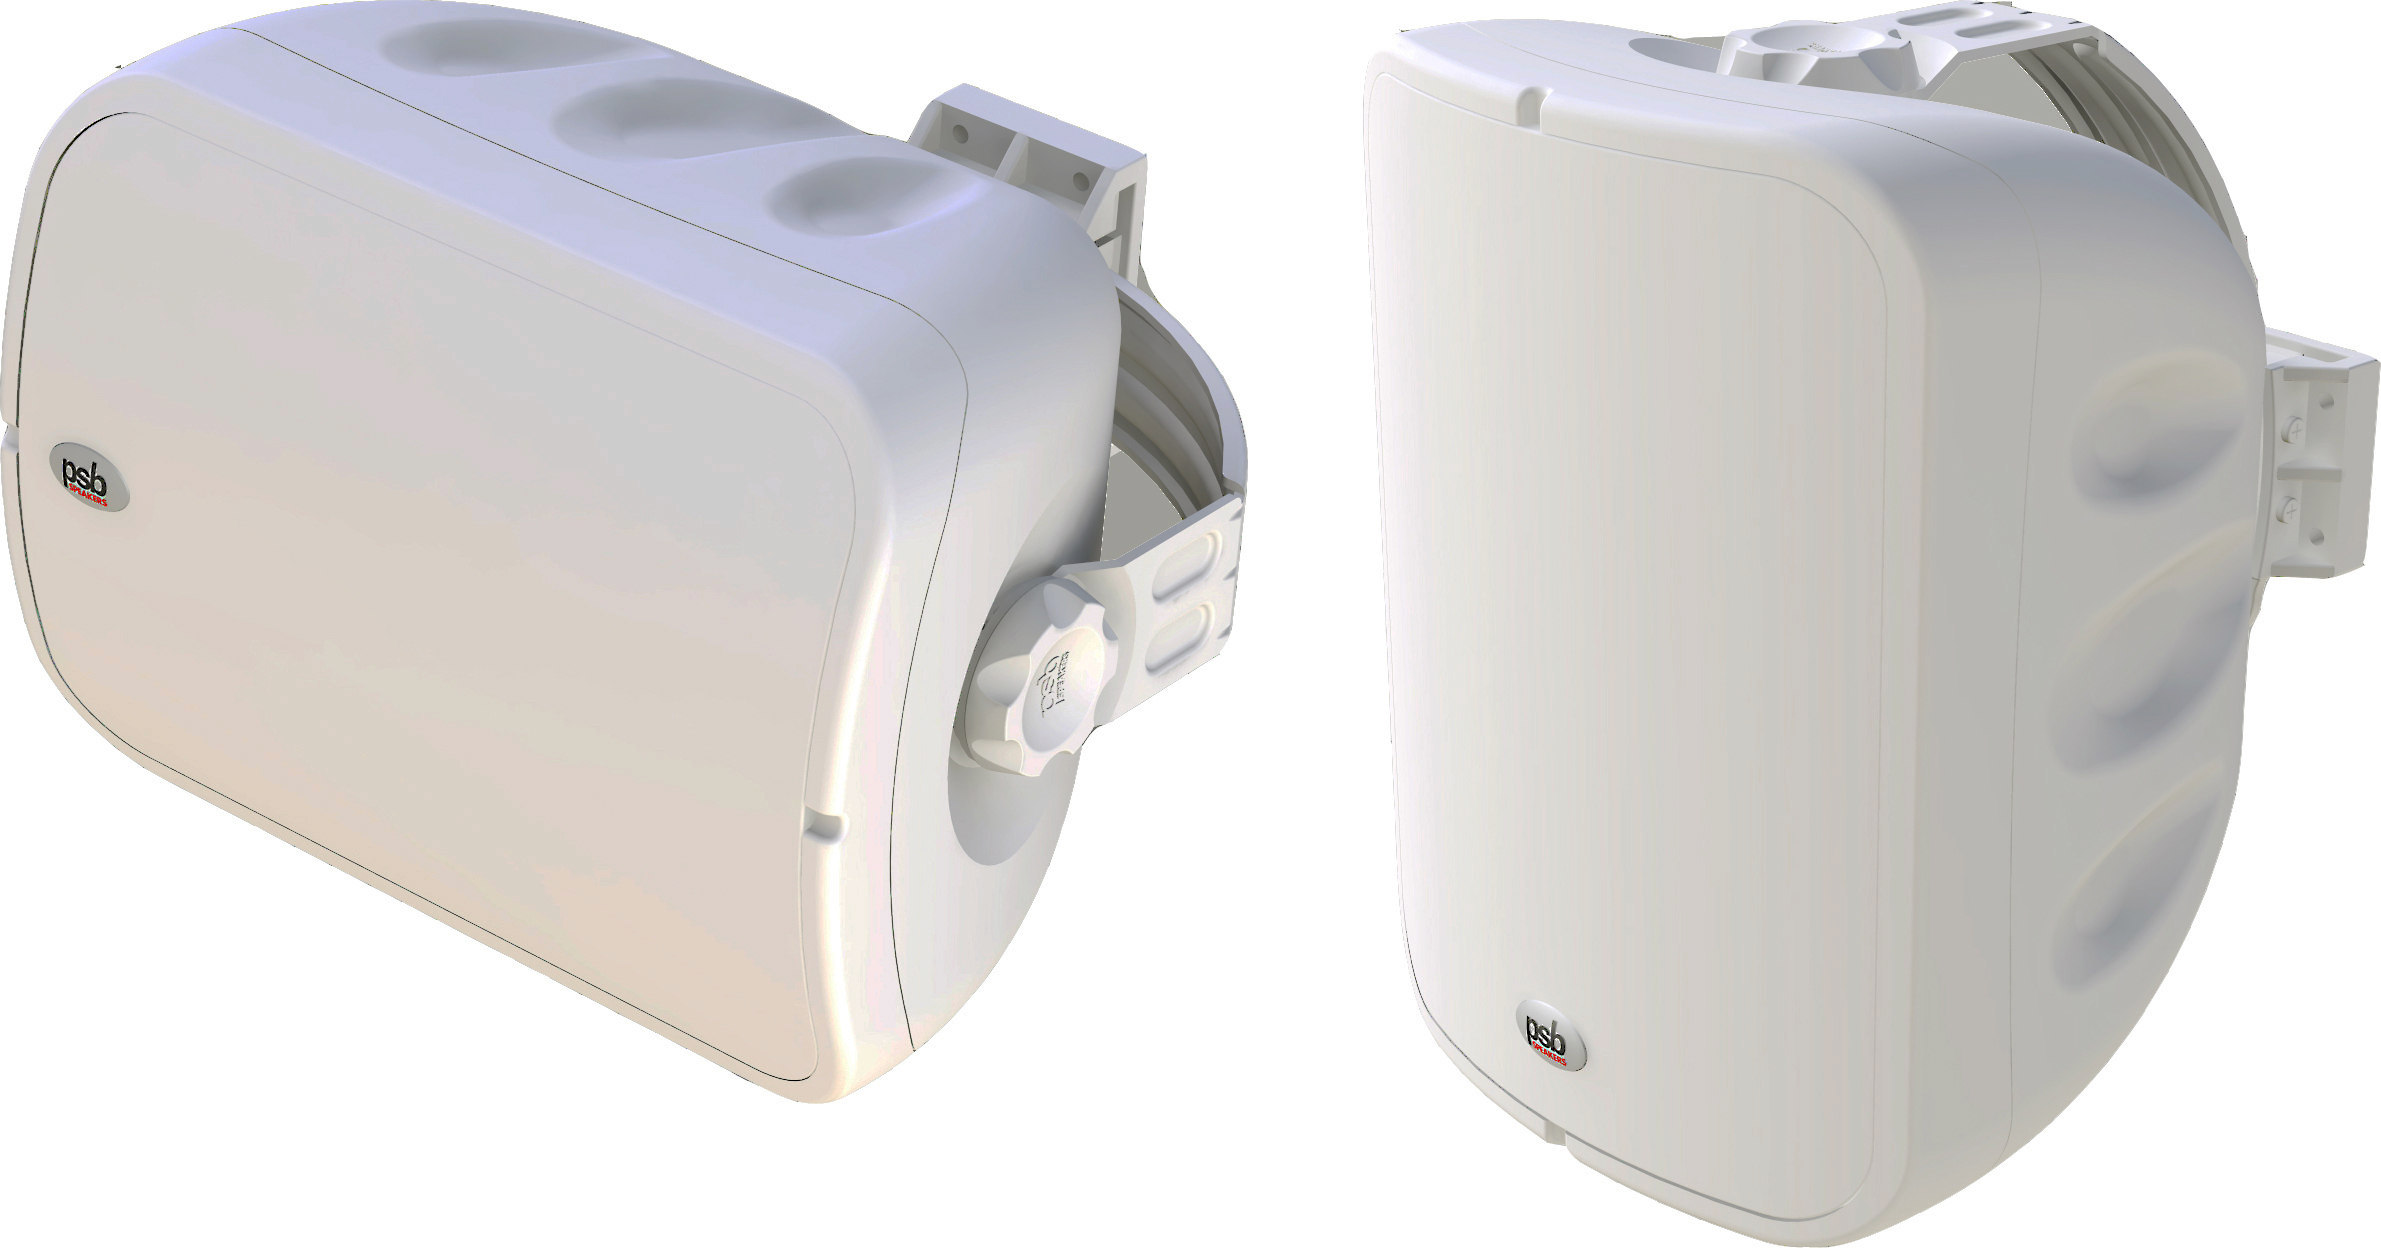 cs1000 universal speakers